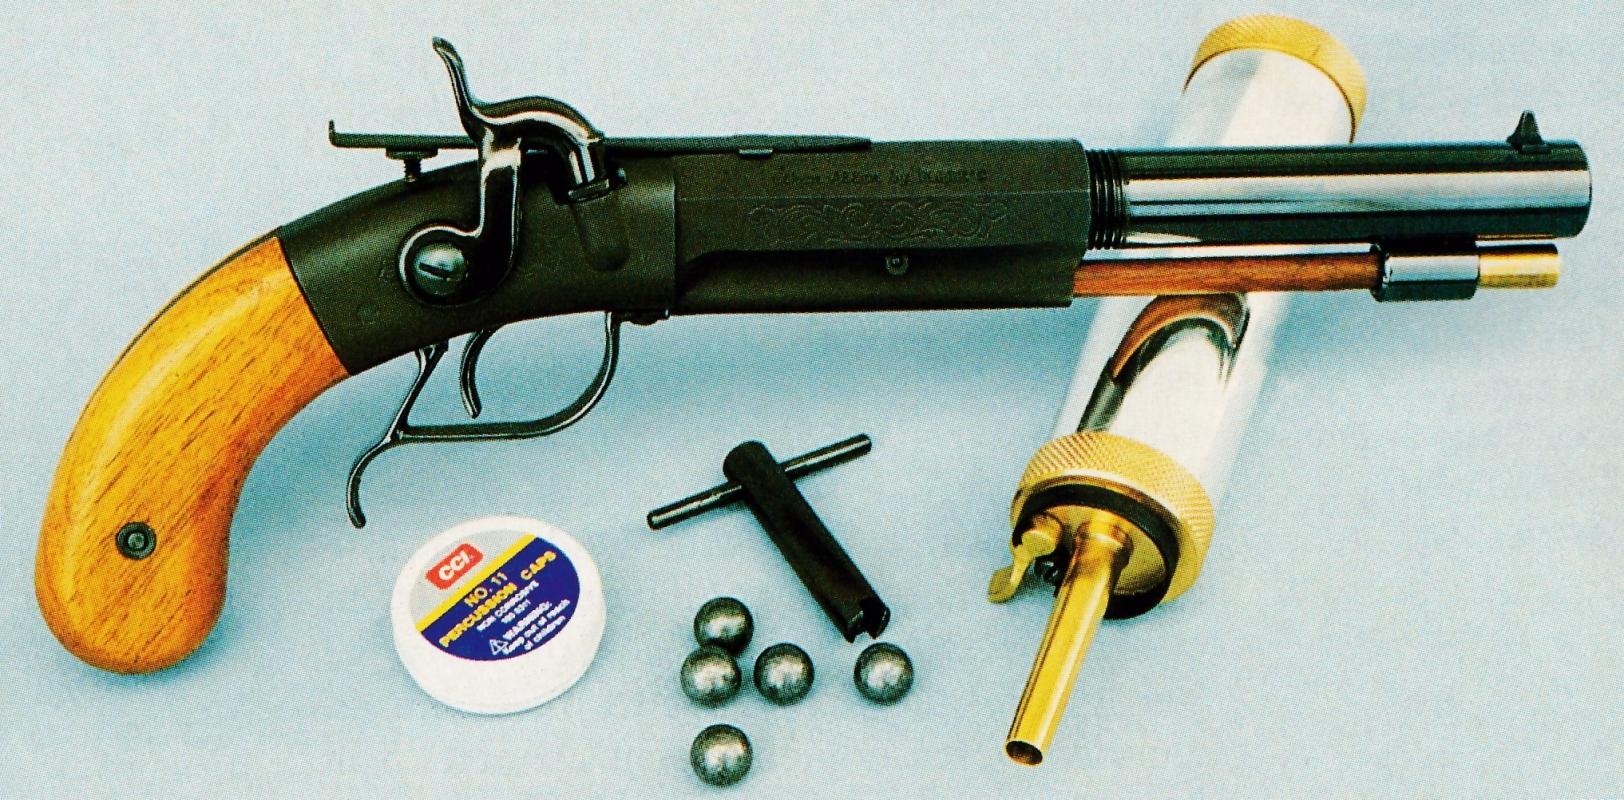 """Plus connue par ses produits d'entretien pour armes, la firme américaine Hoppe""""s a commercialisé cette étonnante réplique du pistolet Single Shot Sidehammer Target fabriqué par Allen & Thurber aux alentours de 1850."""